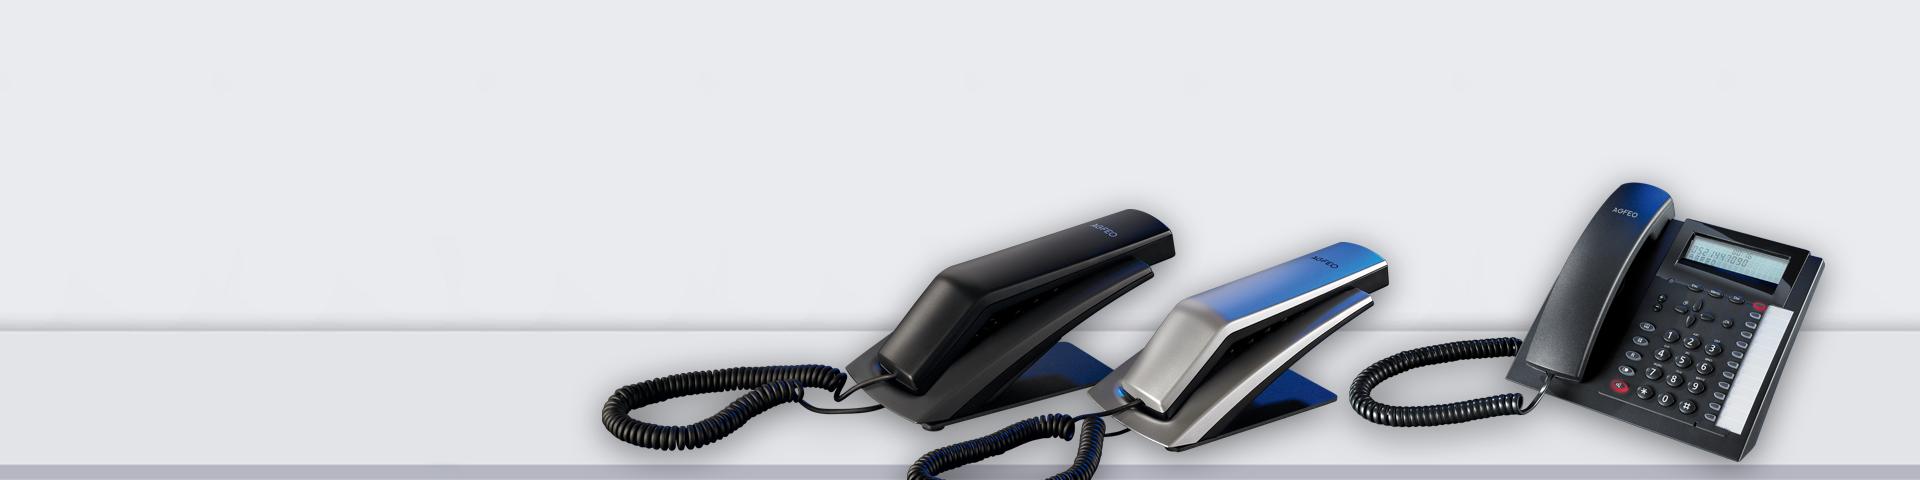 Analoge Telefone